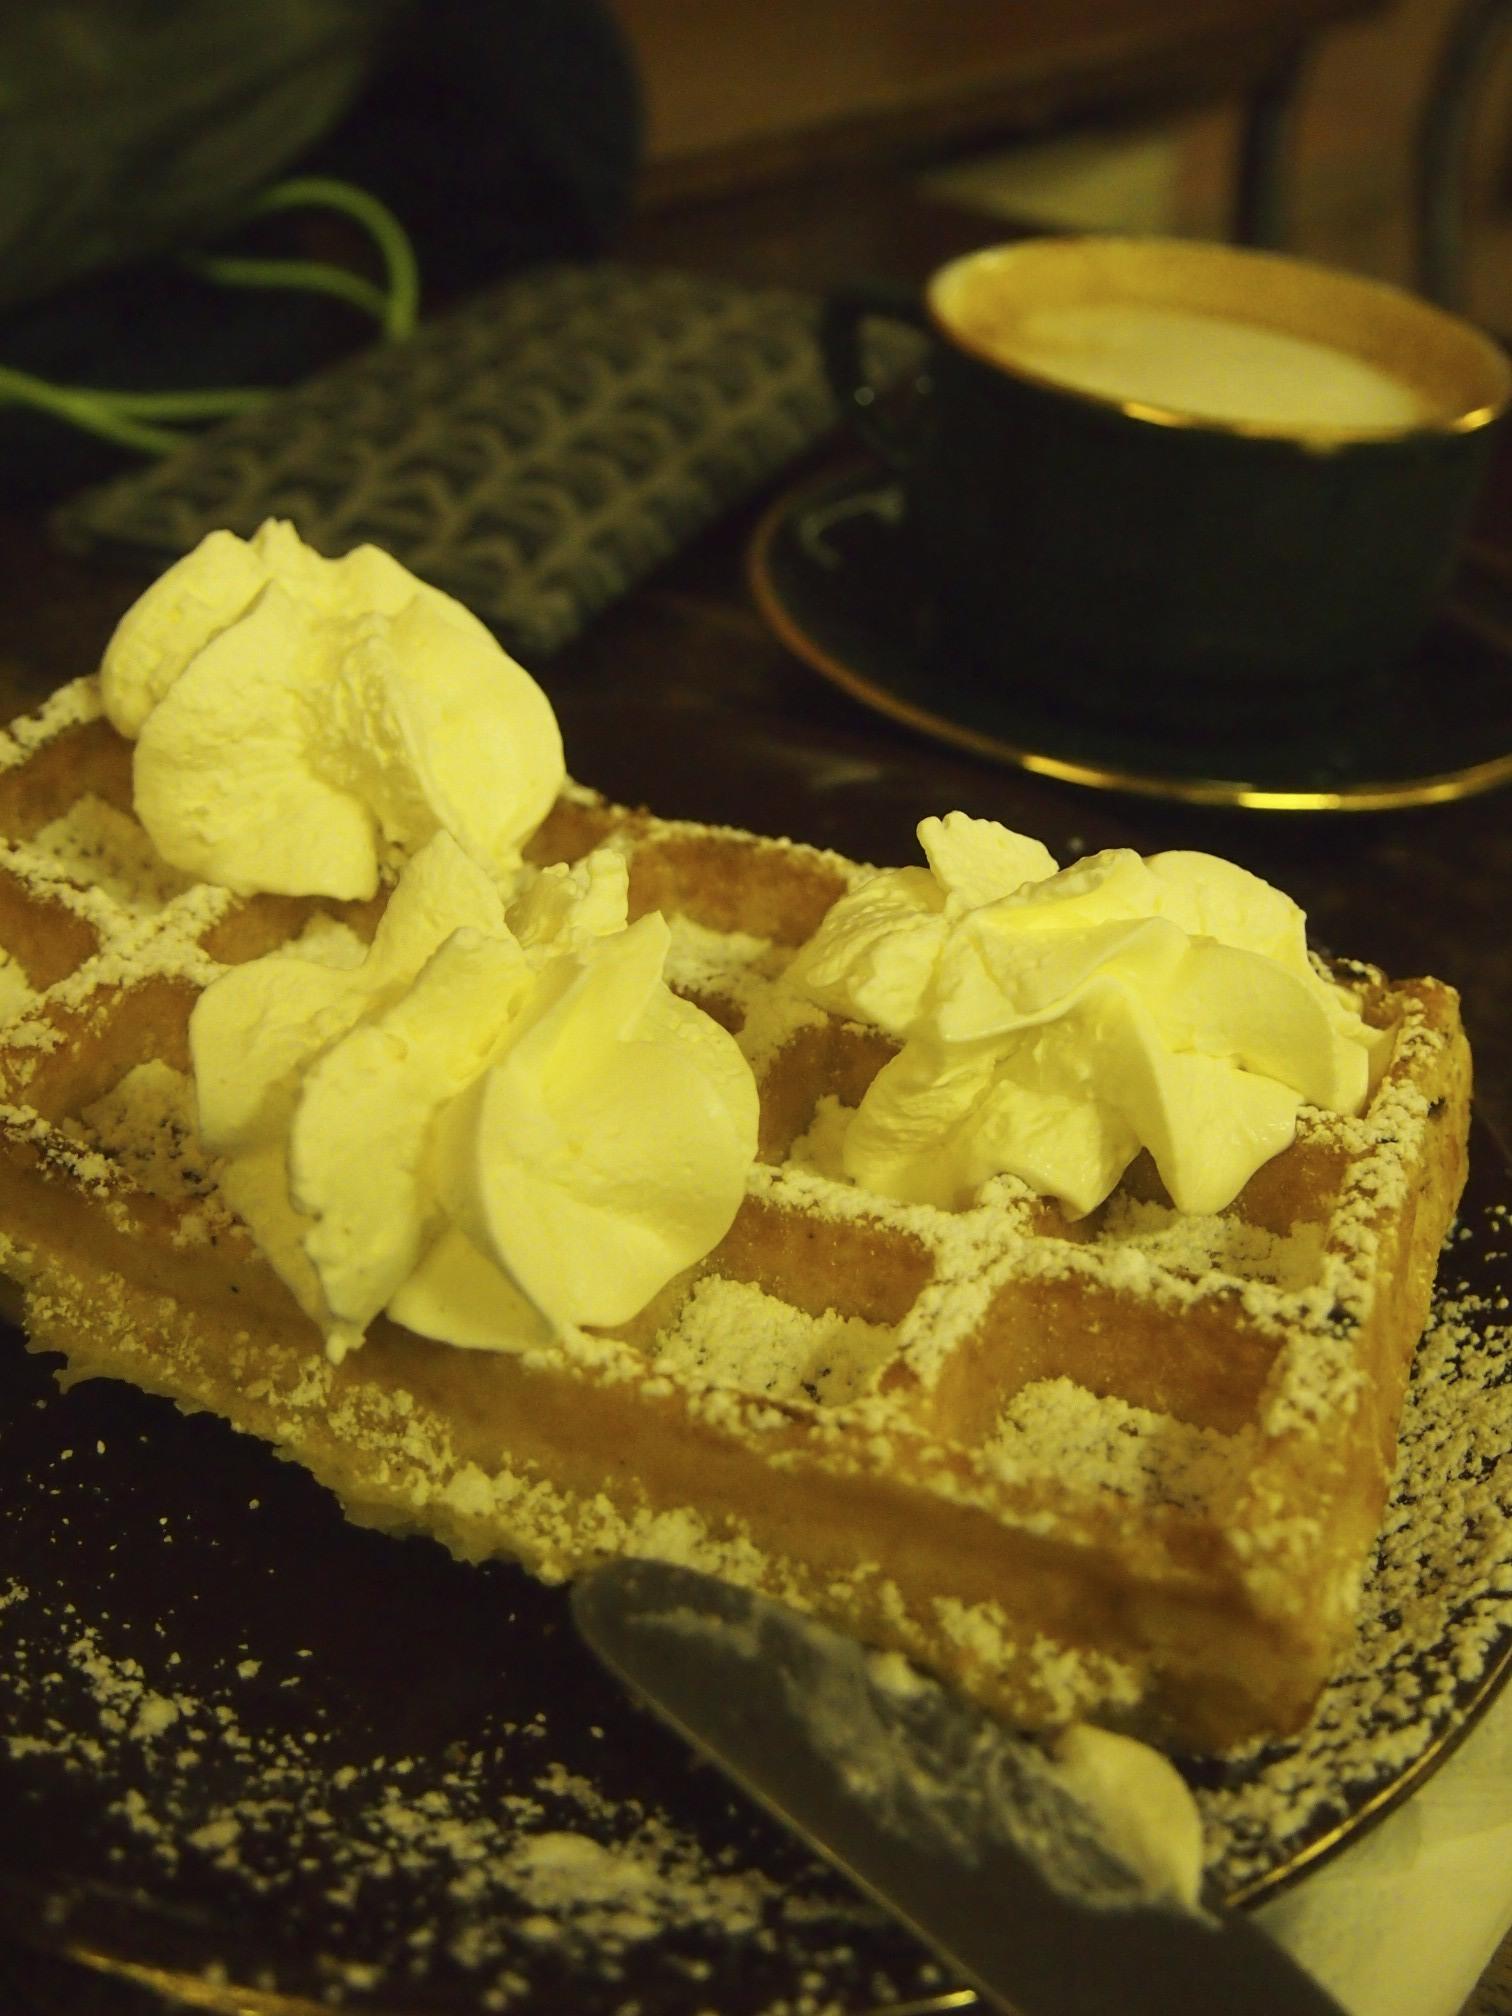 Belgium Waffle, Belgium, Cafe, Ghent, Waffle, HQ Photo